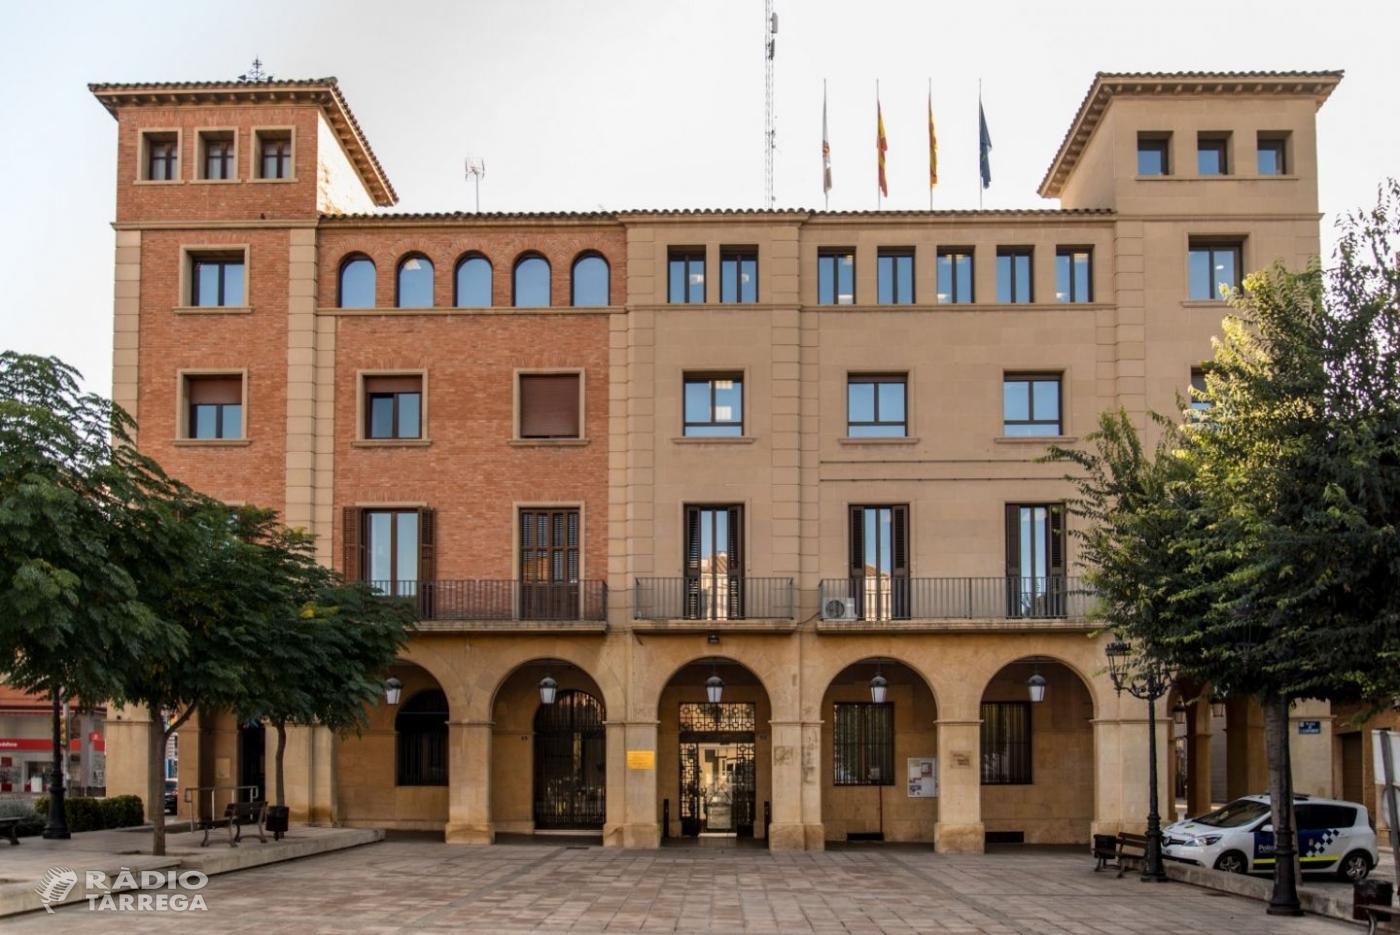 L'Ajuntament de Mollerussa confirma els dos primers casos de coronavirus a la ciutat i reuneix el comitè d'emergència